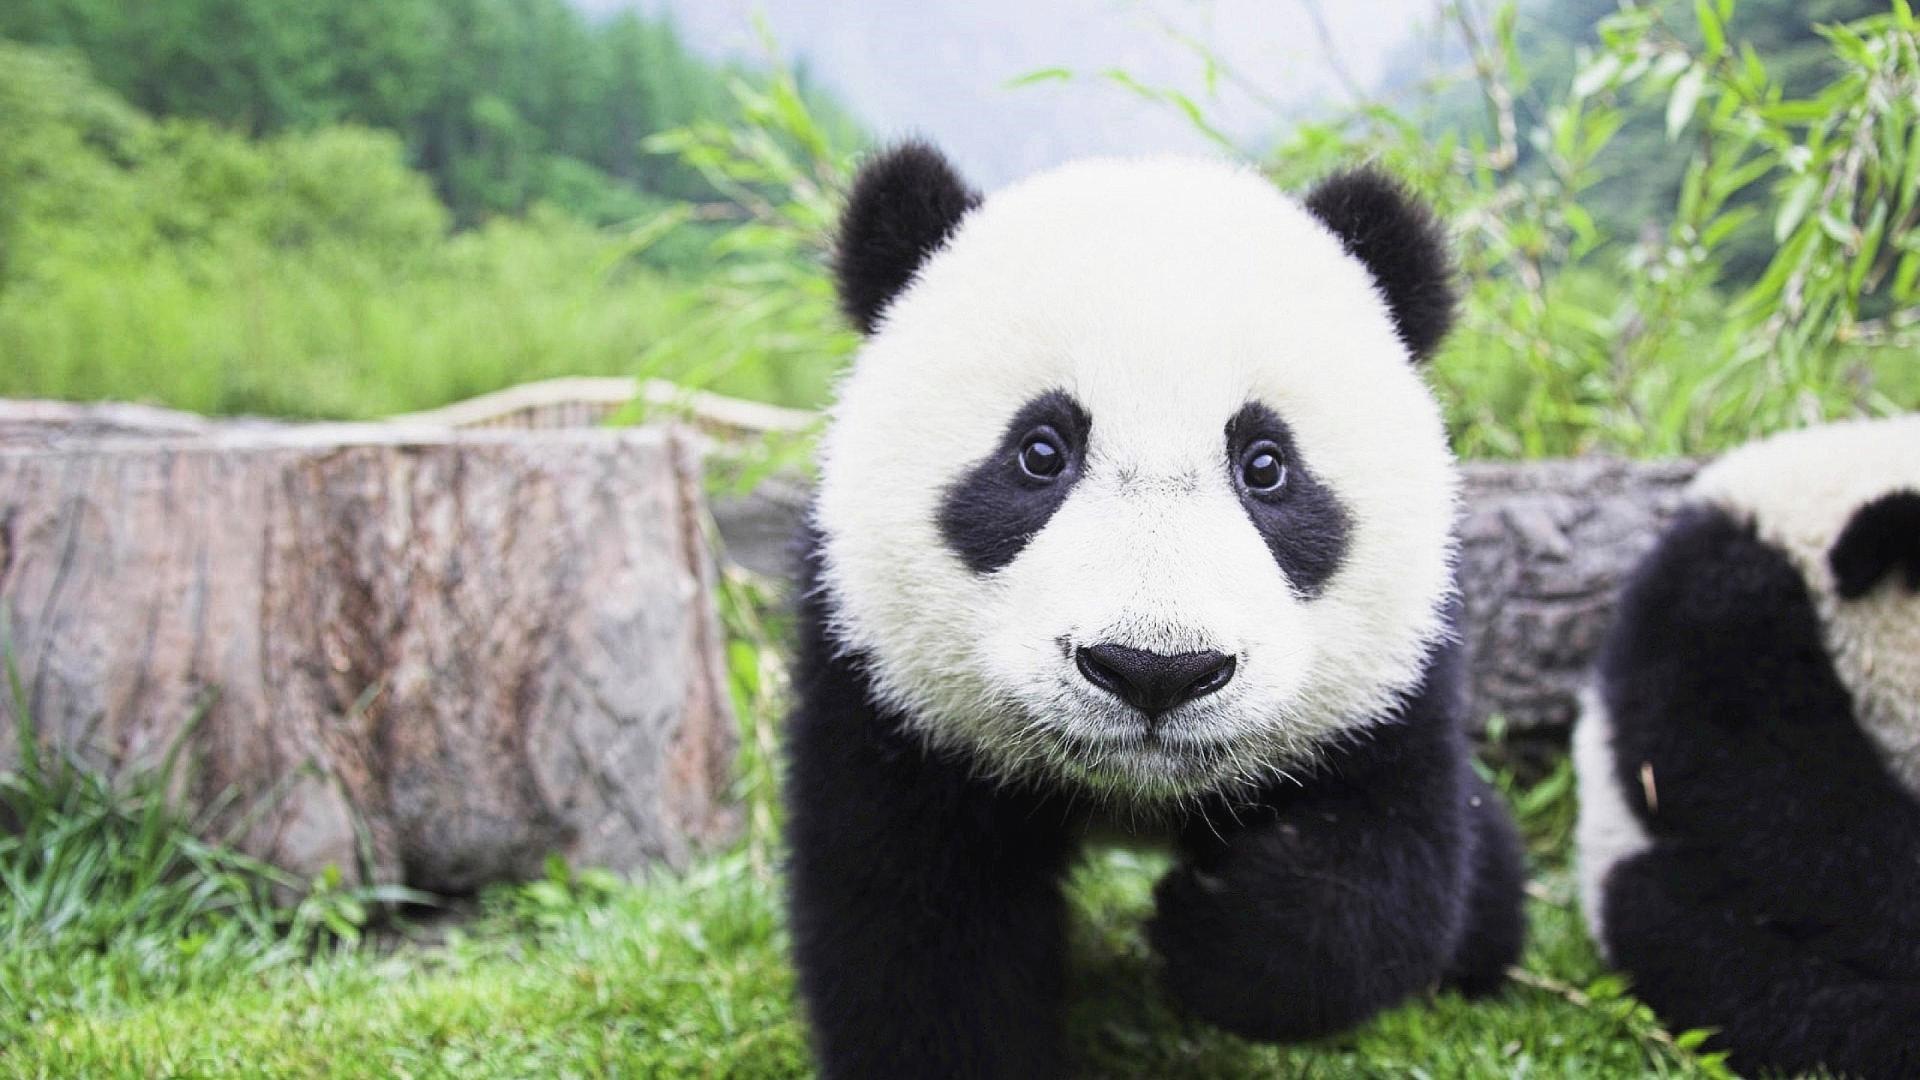 萌宠动物,萌宠,卖萌图,熊猫